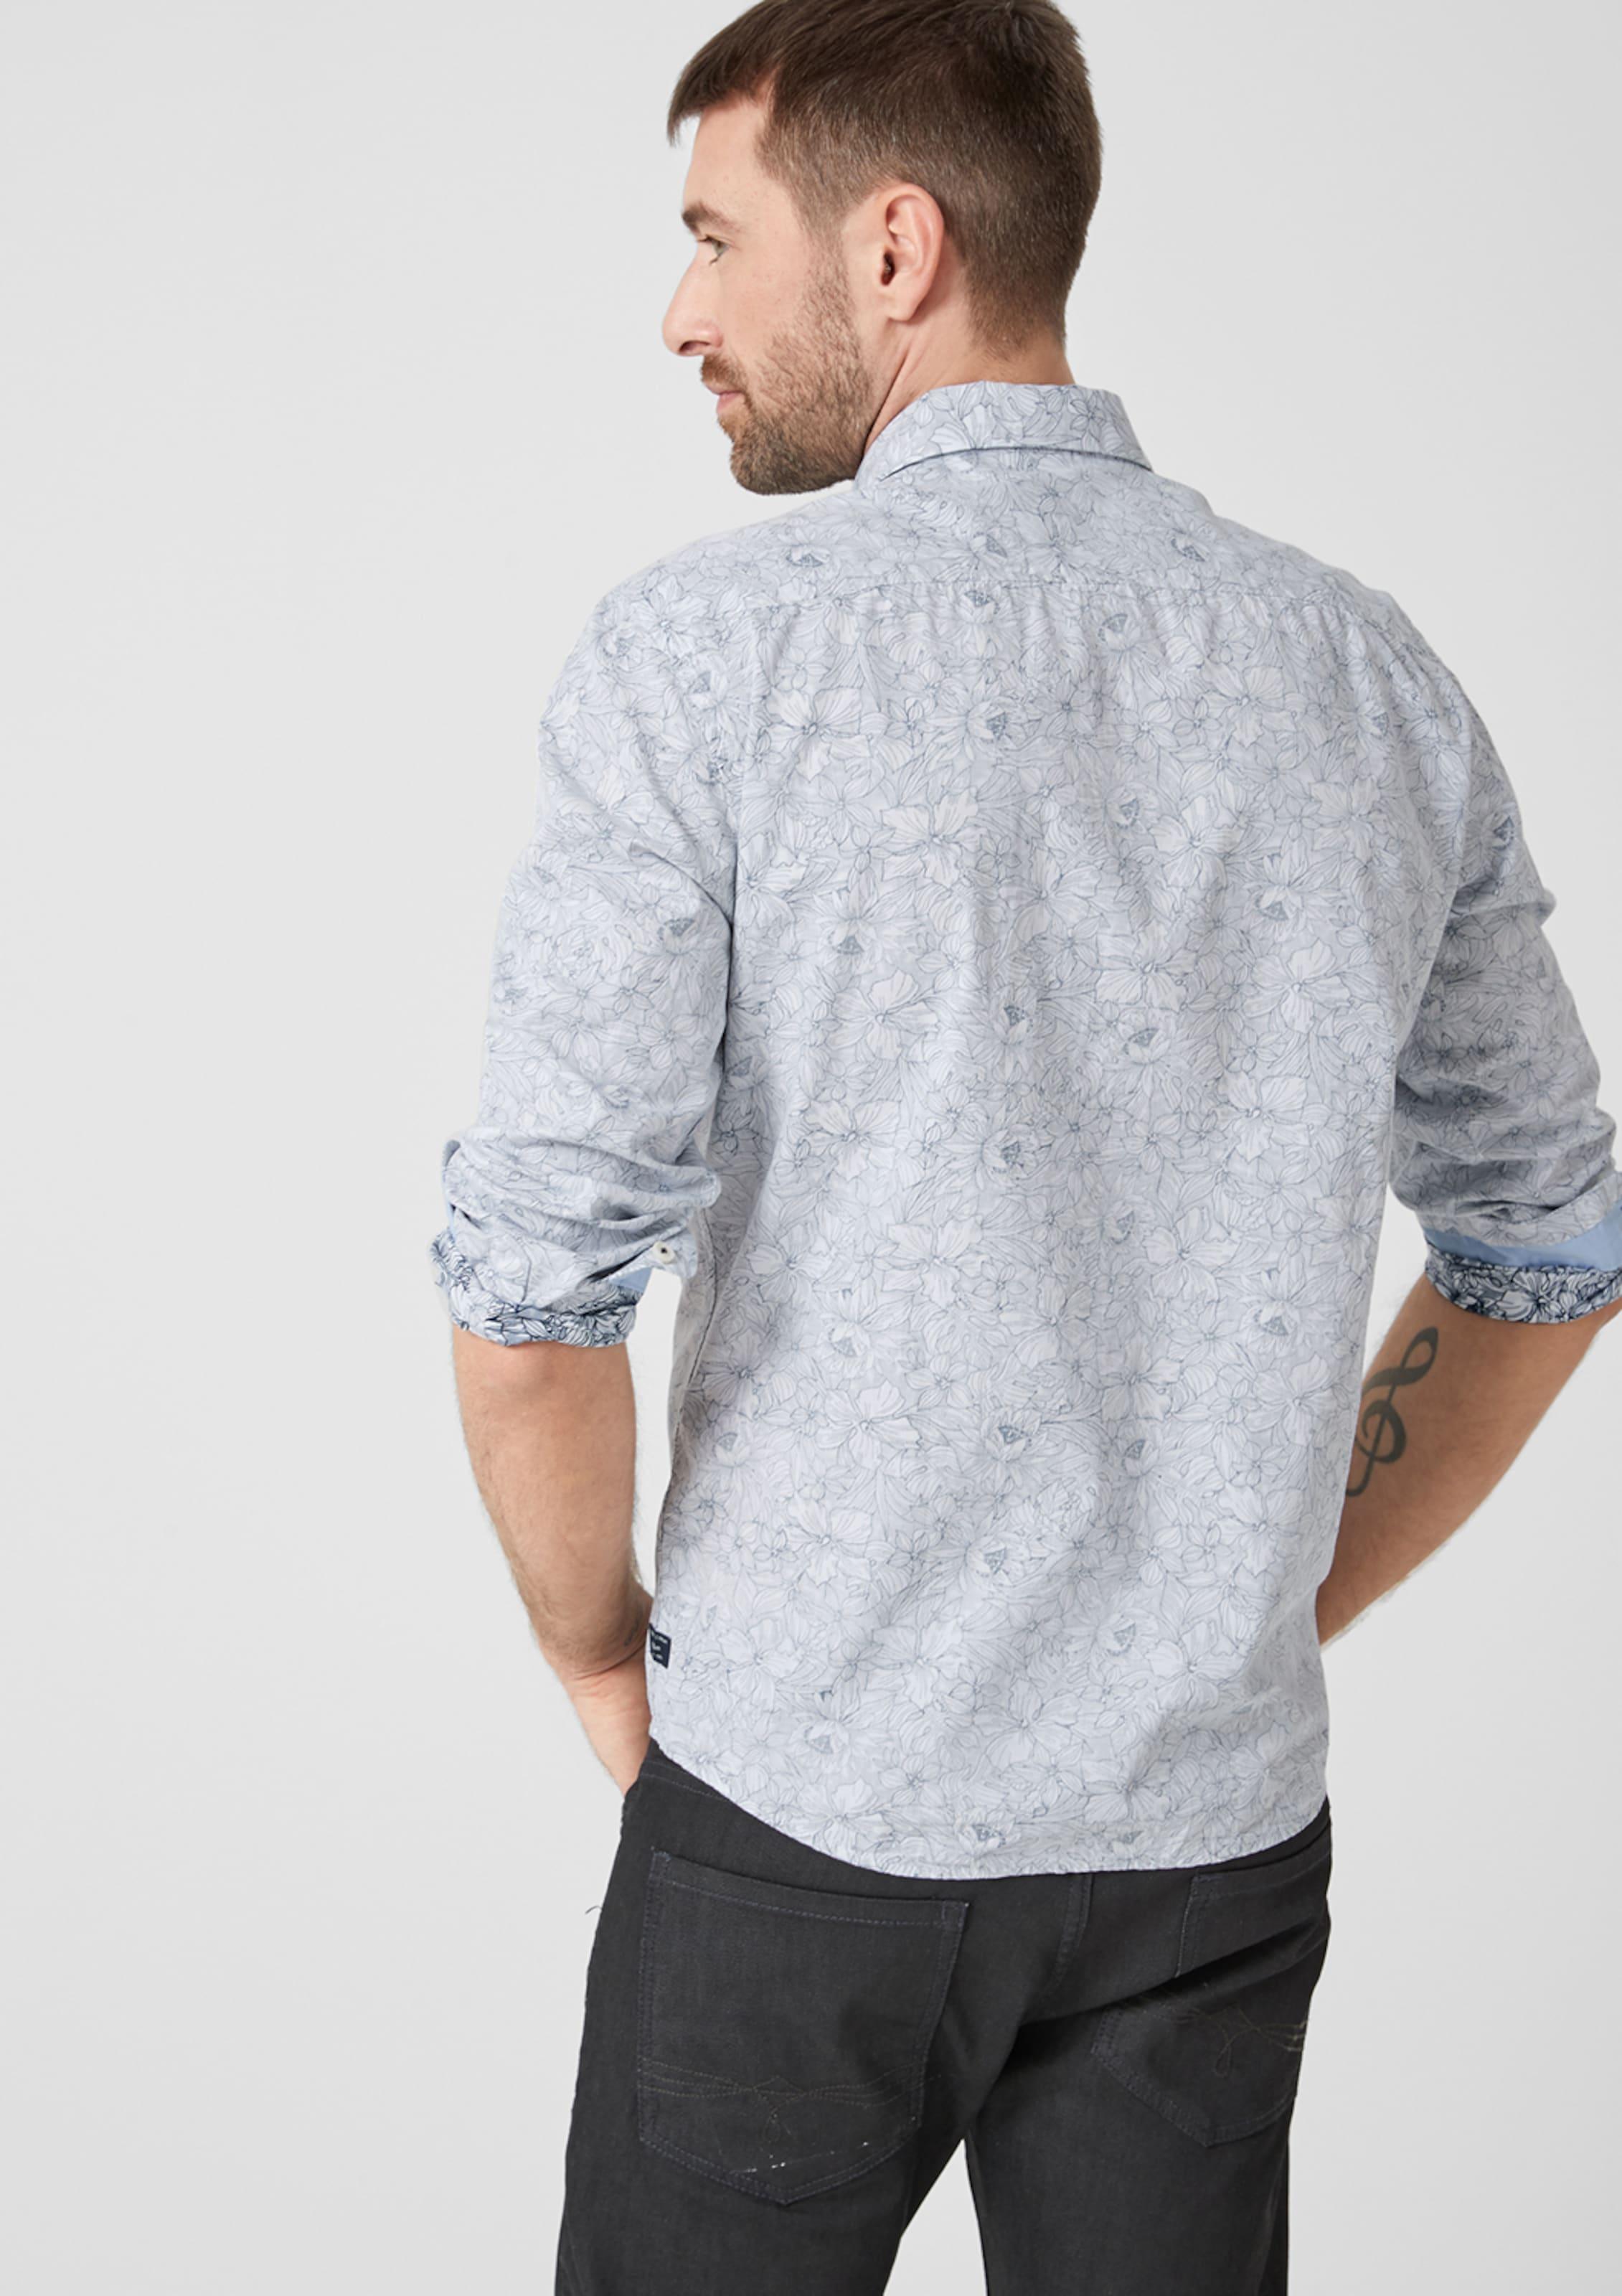 S S S oliver RauchblauWeiß Hemd In oliver RauchblauWeiß Hemd Hemd In oliver m0v8nONw